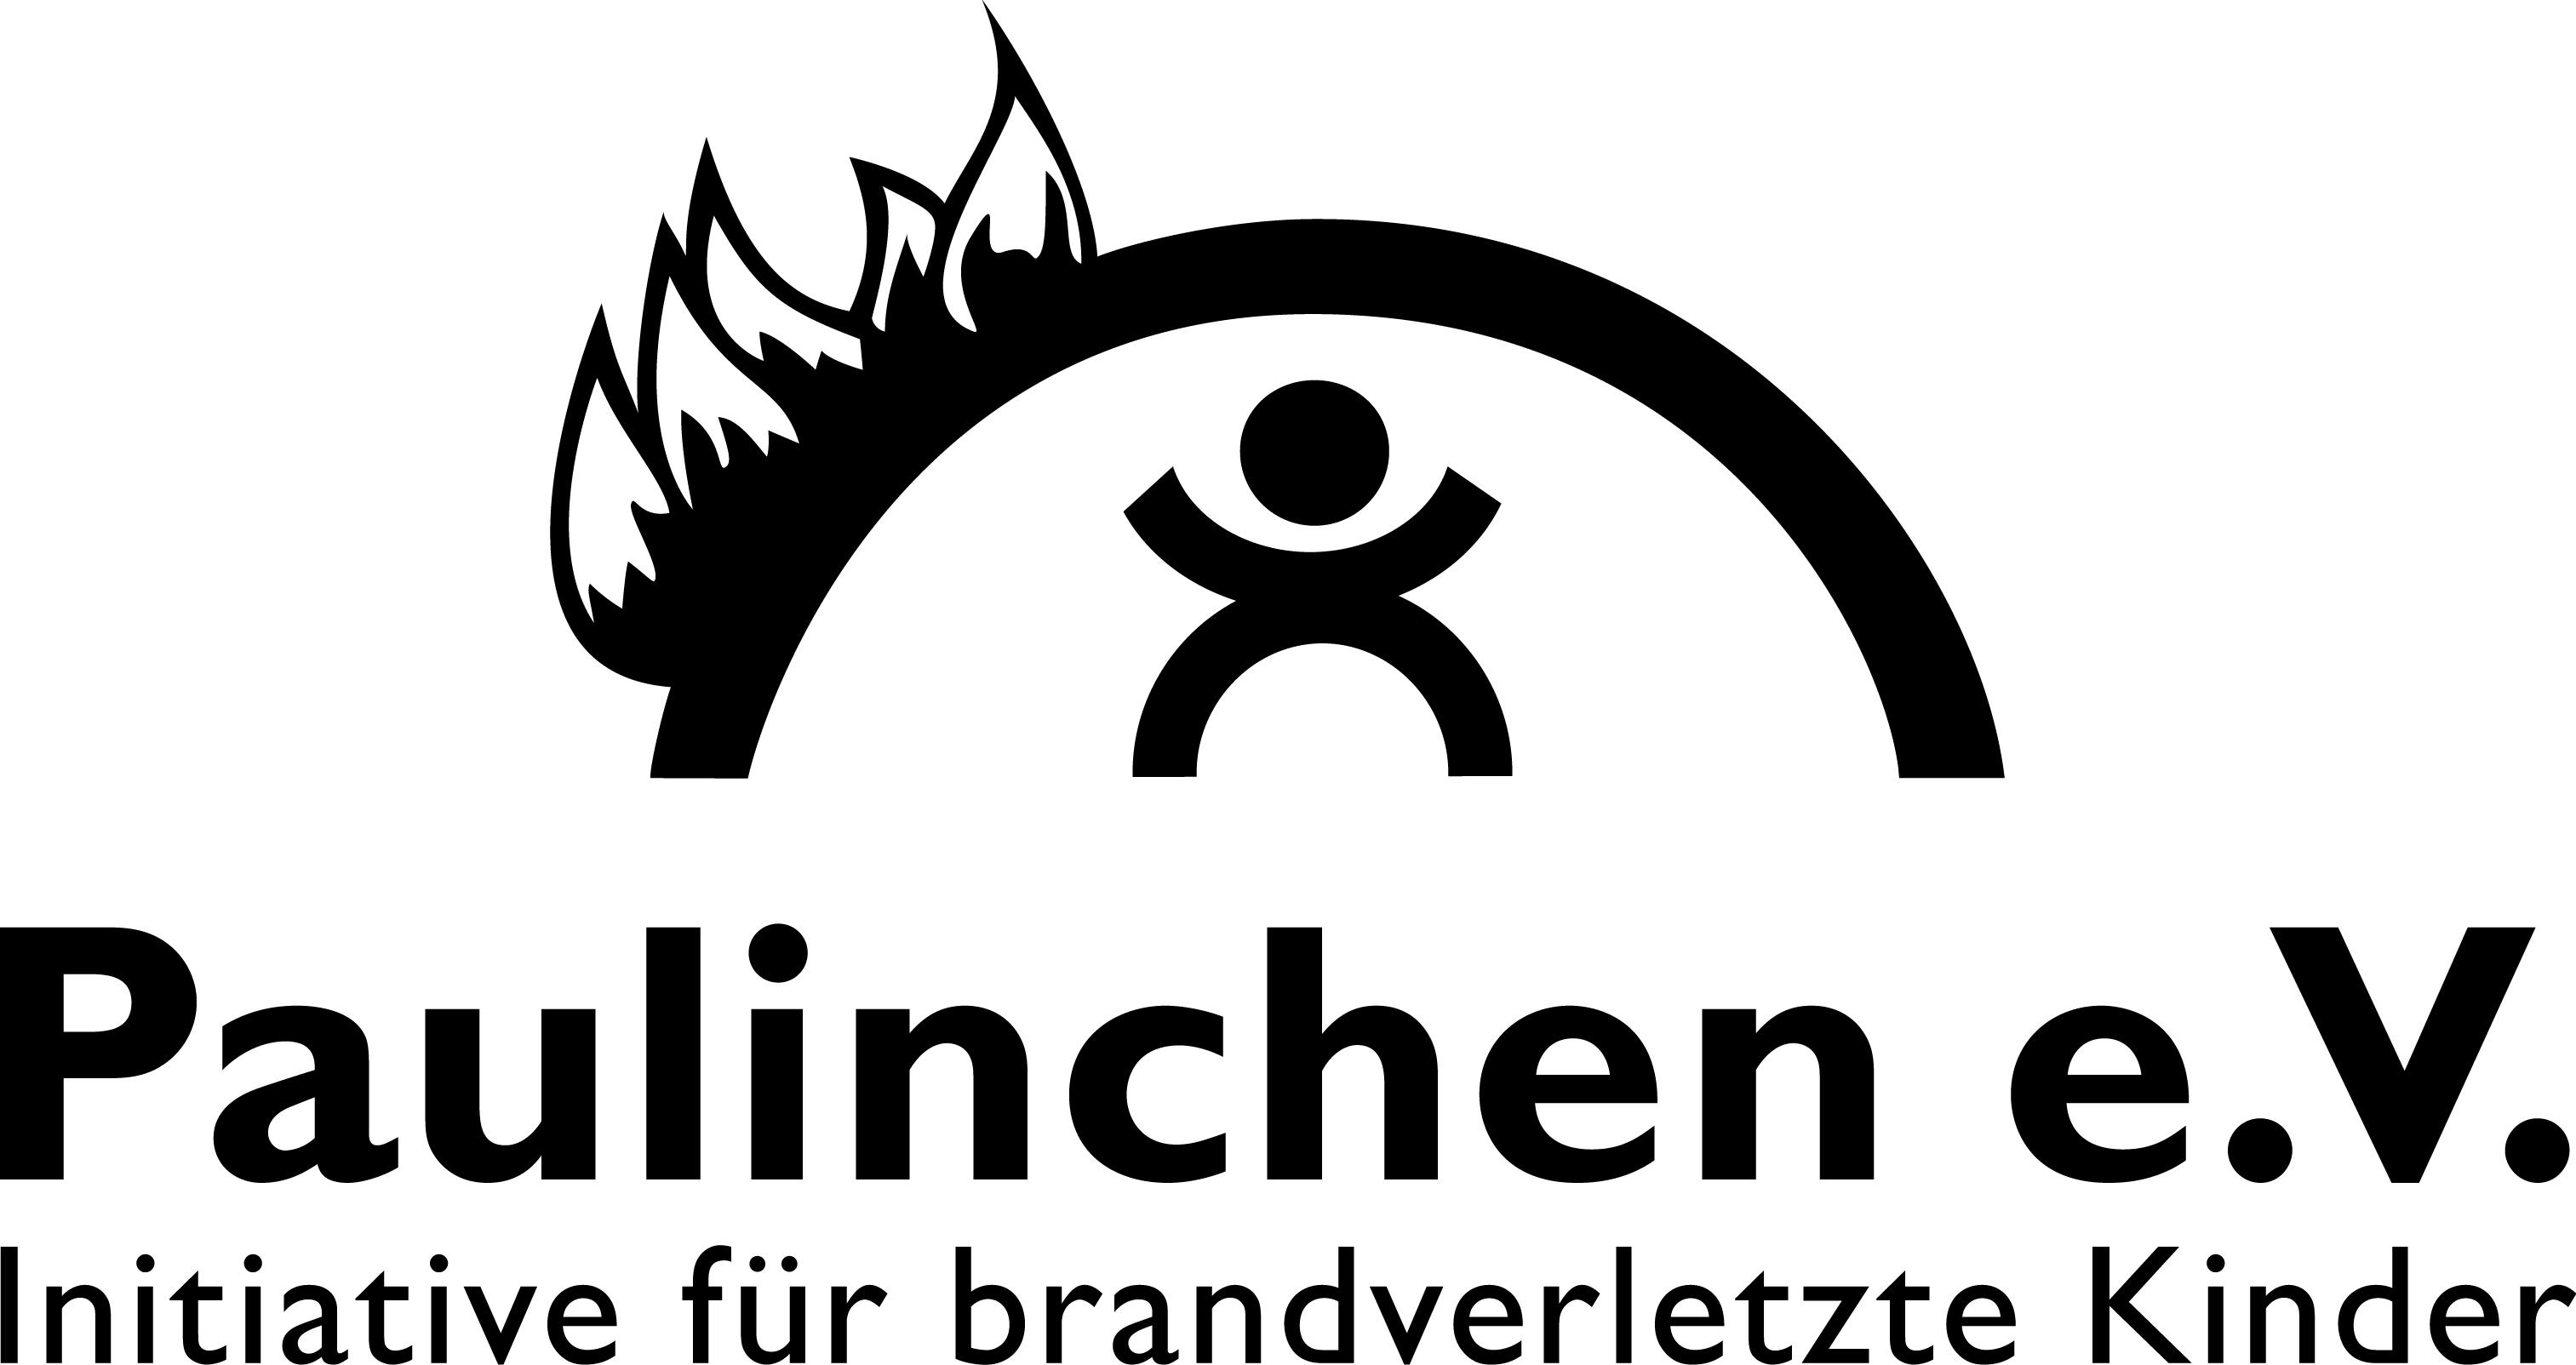 Paulinchen e.V. Initiative für brandverletzte Kinder